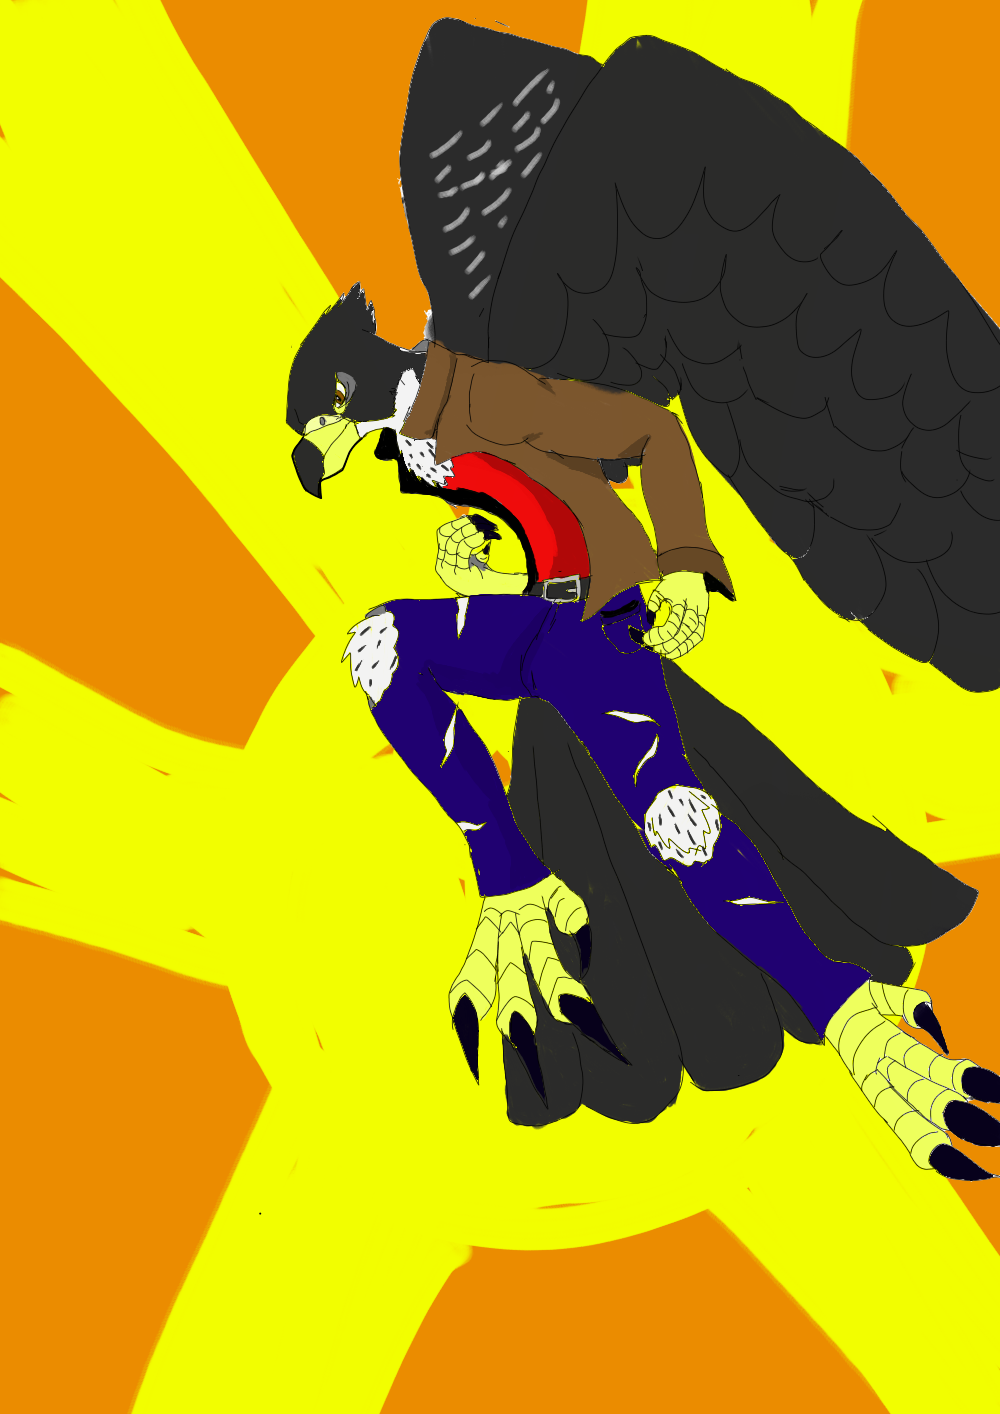 Jax falcon